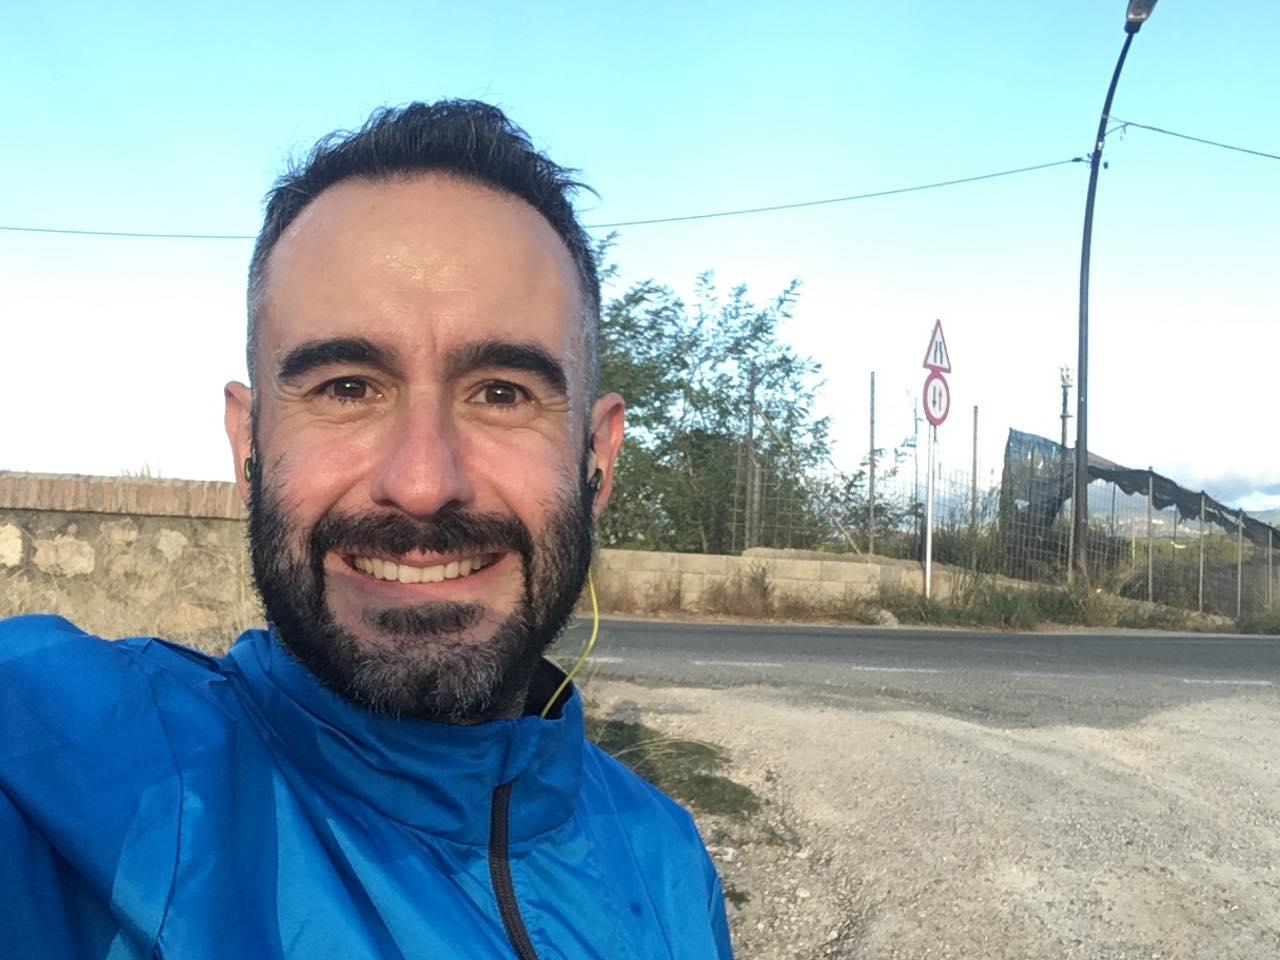 7,77 Km. running